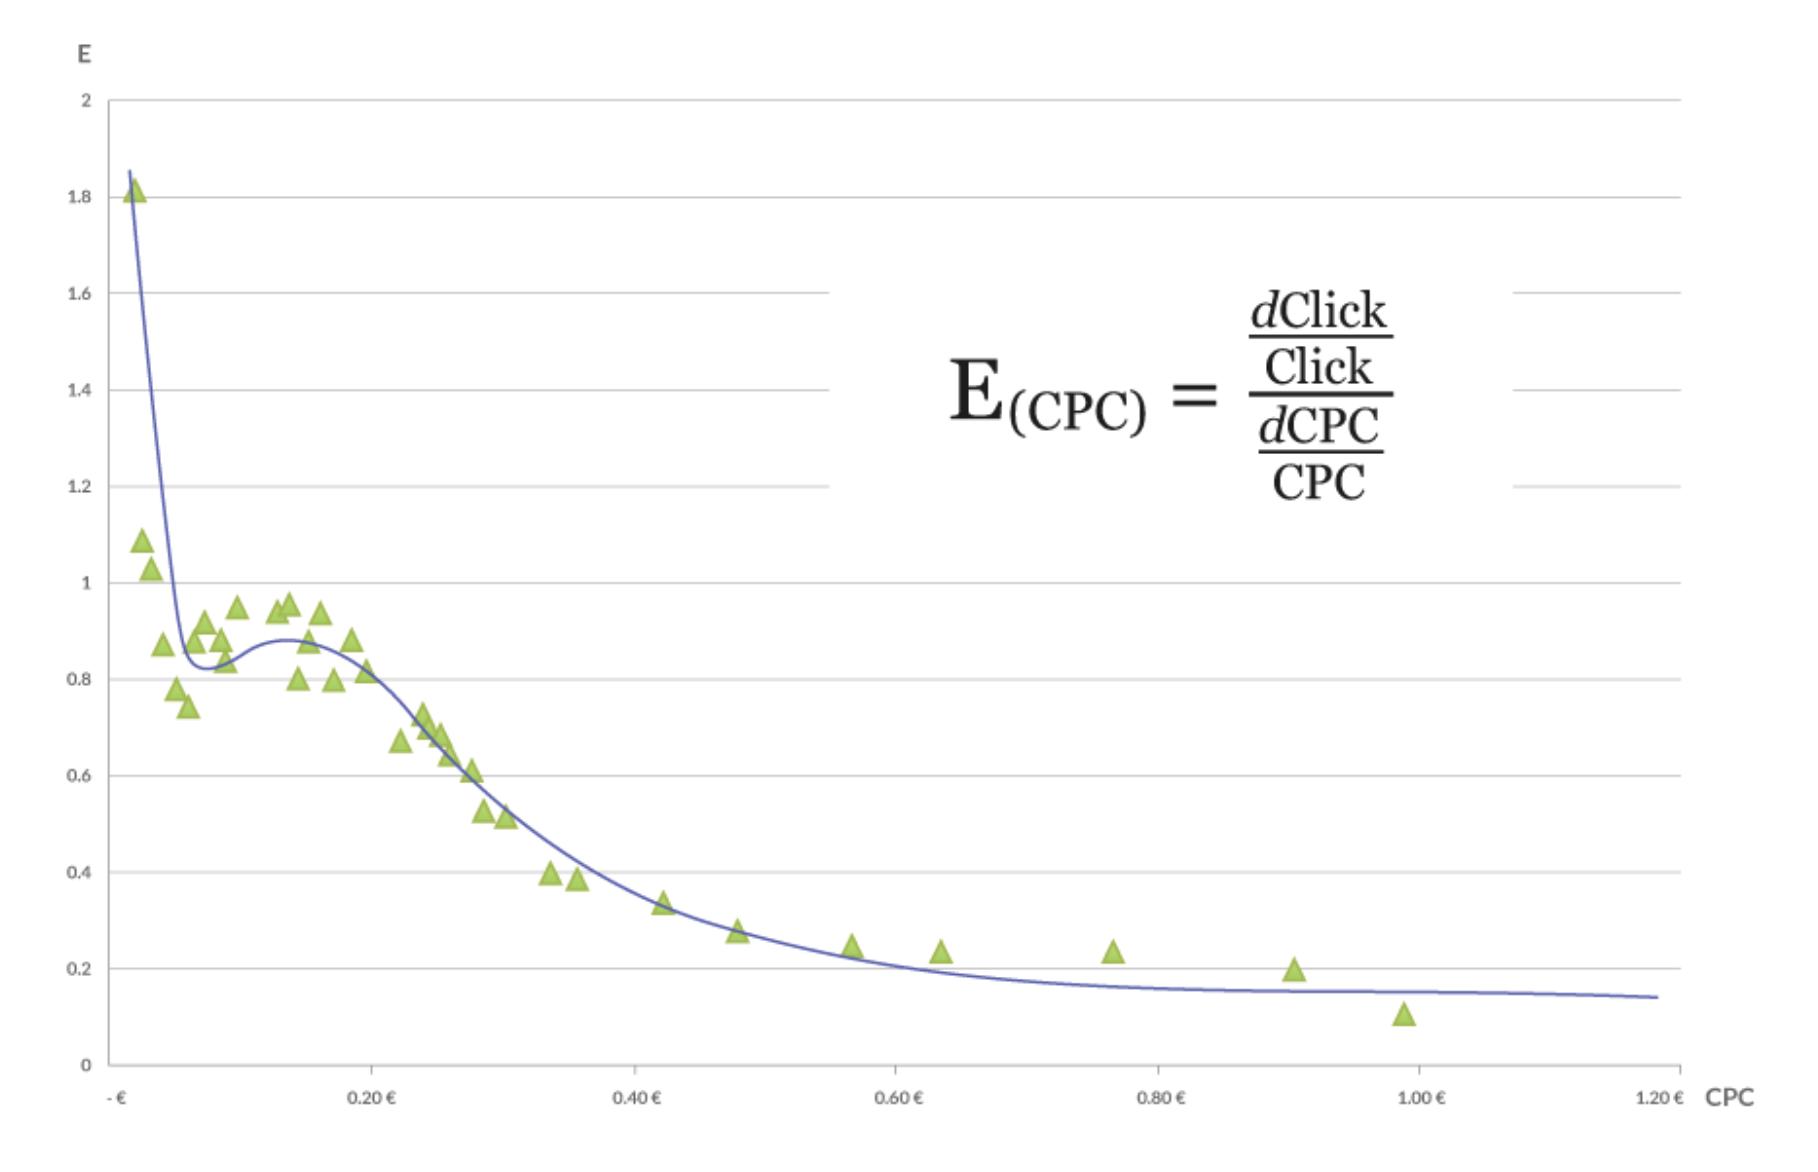 Function = E(CPC)